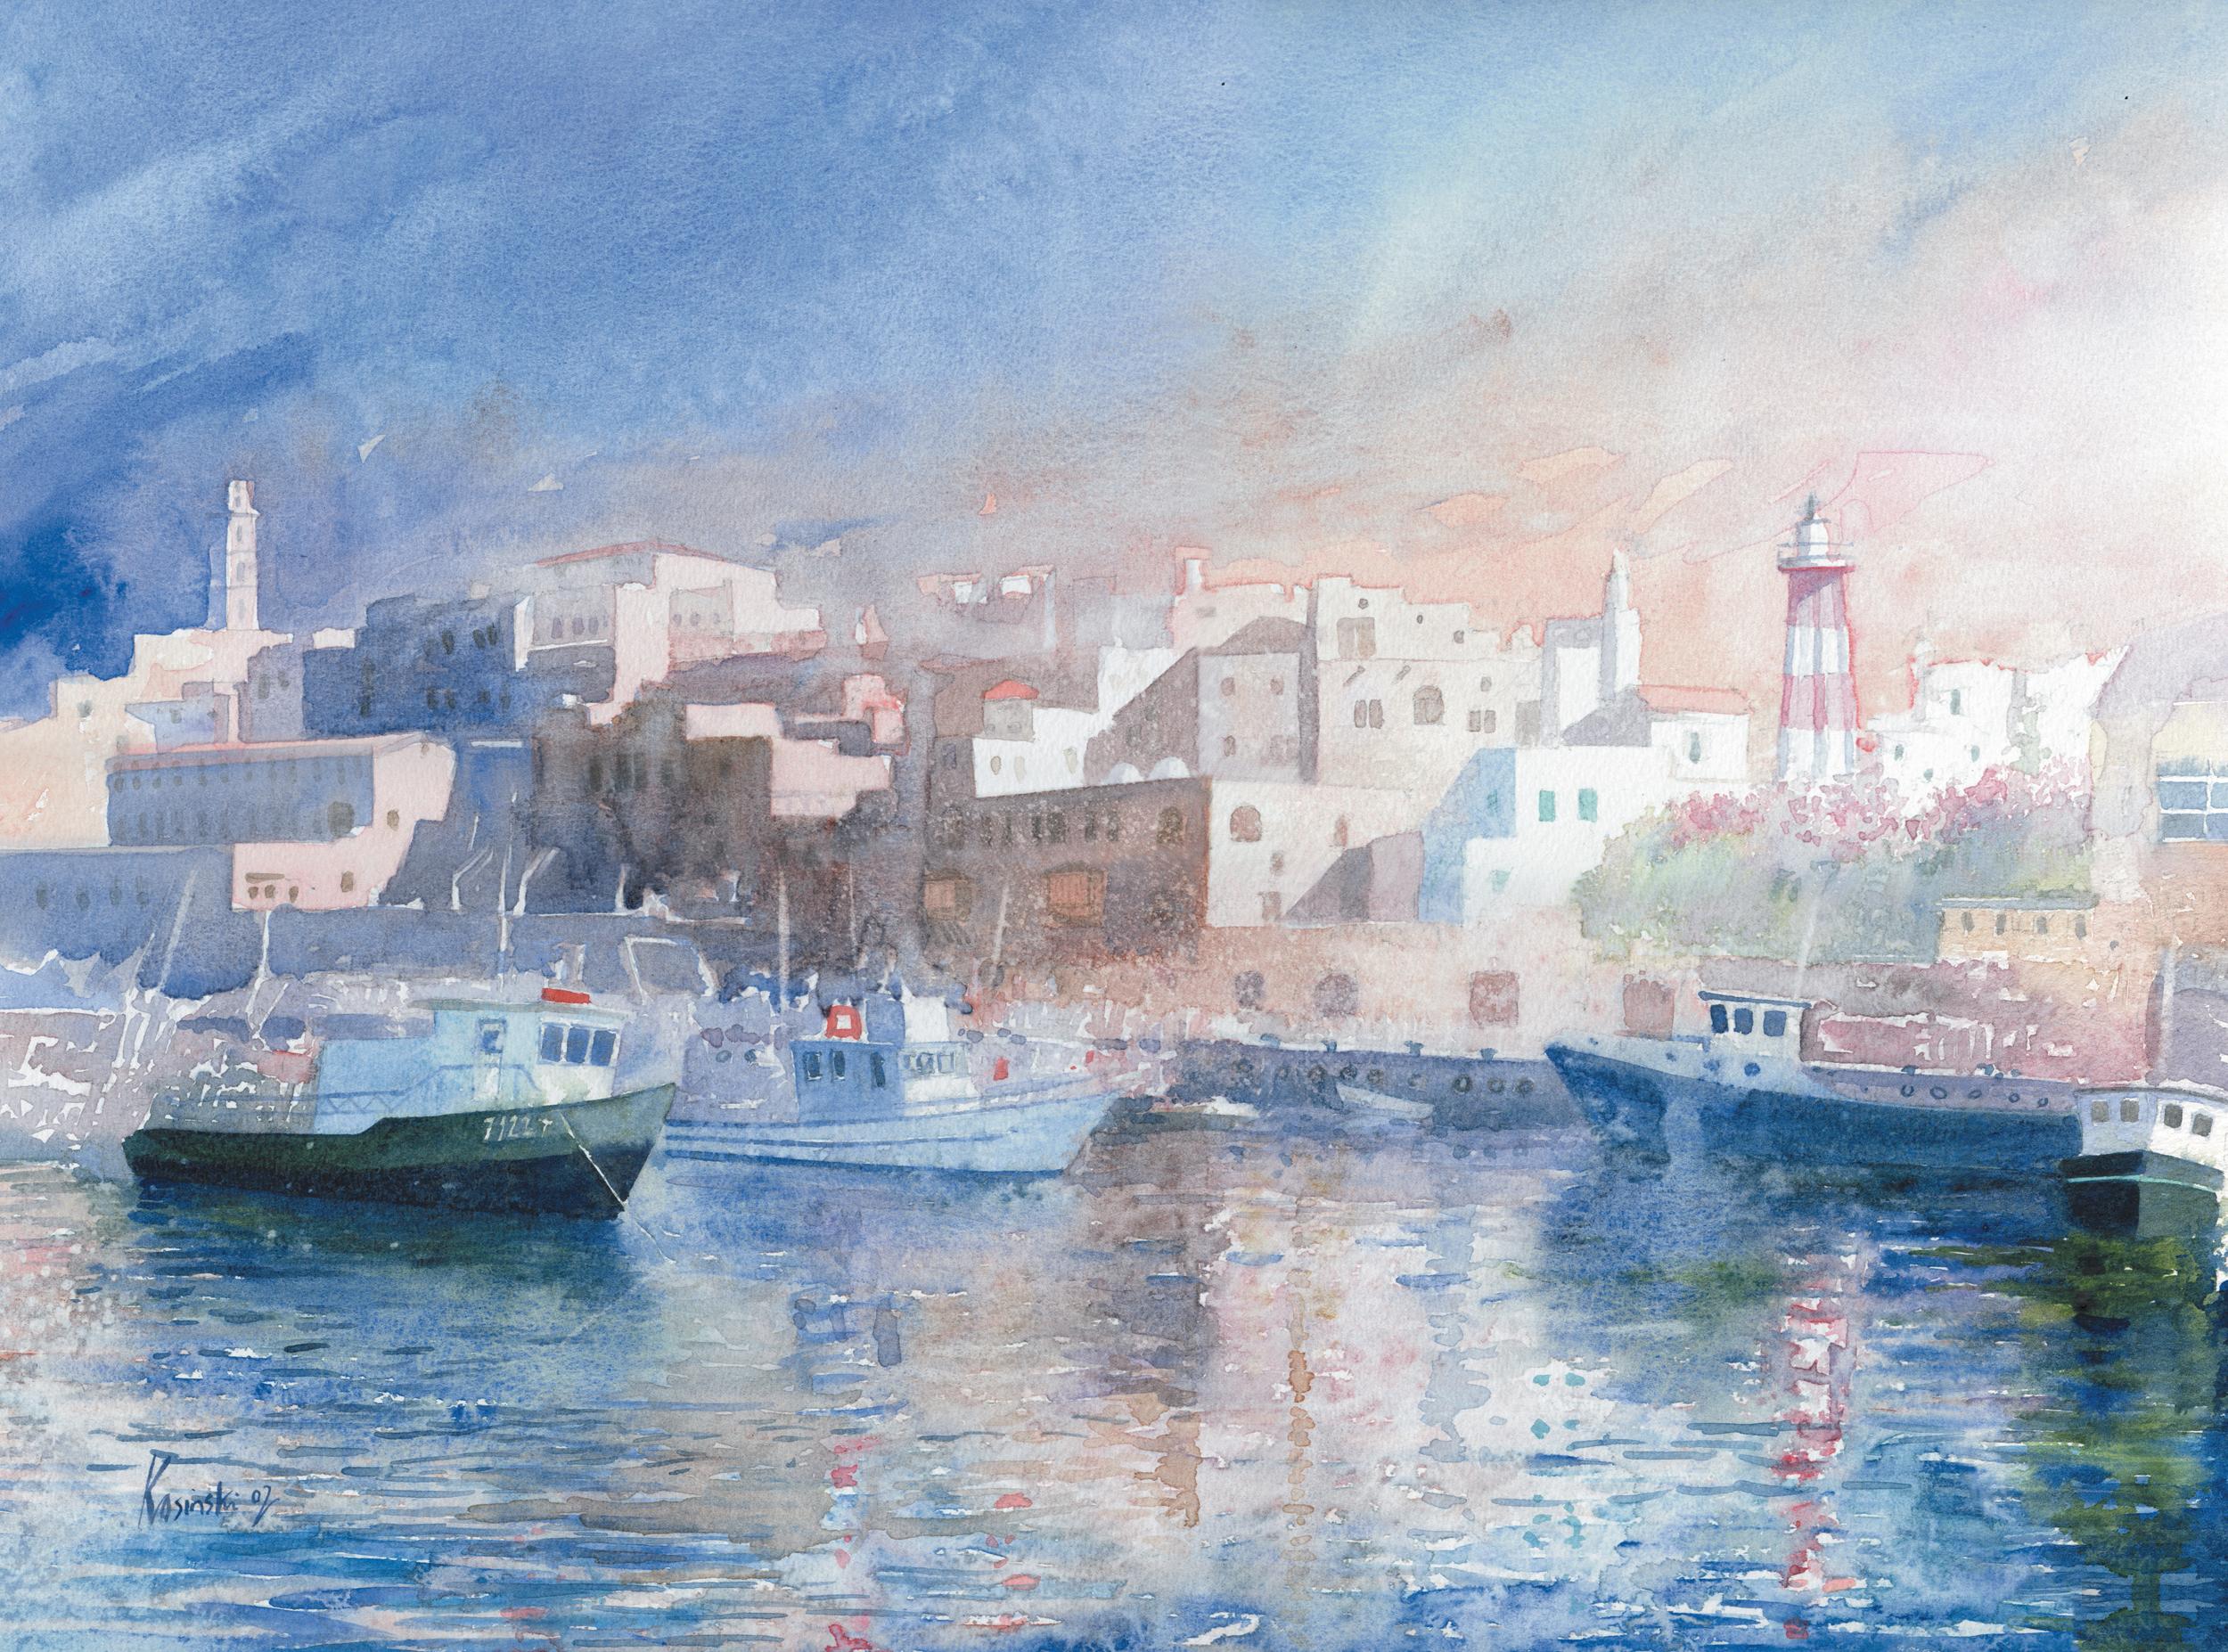 Port of Jaffa